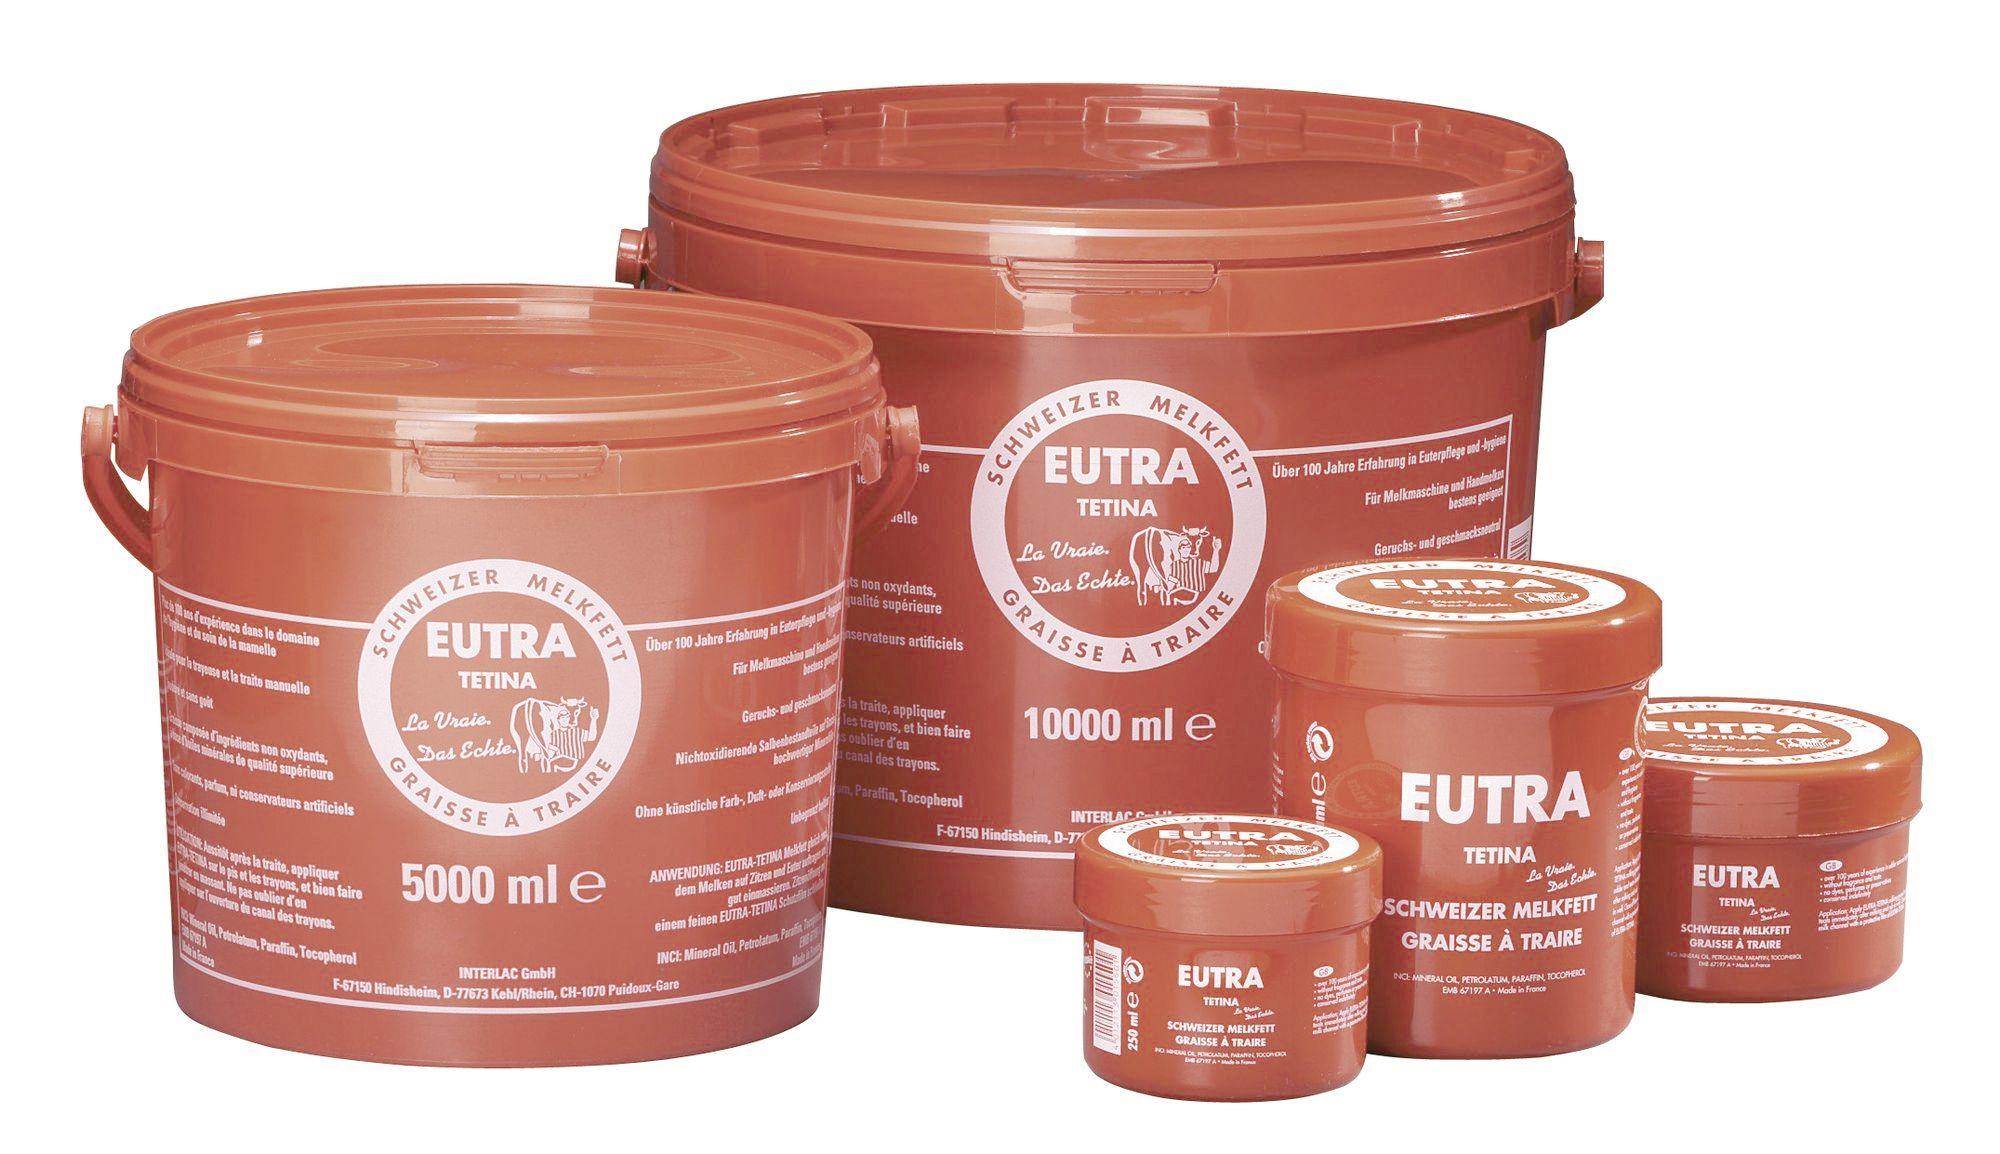 Crema pentru uger Eutra - 10 litri